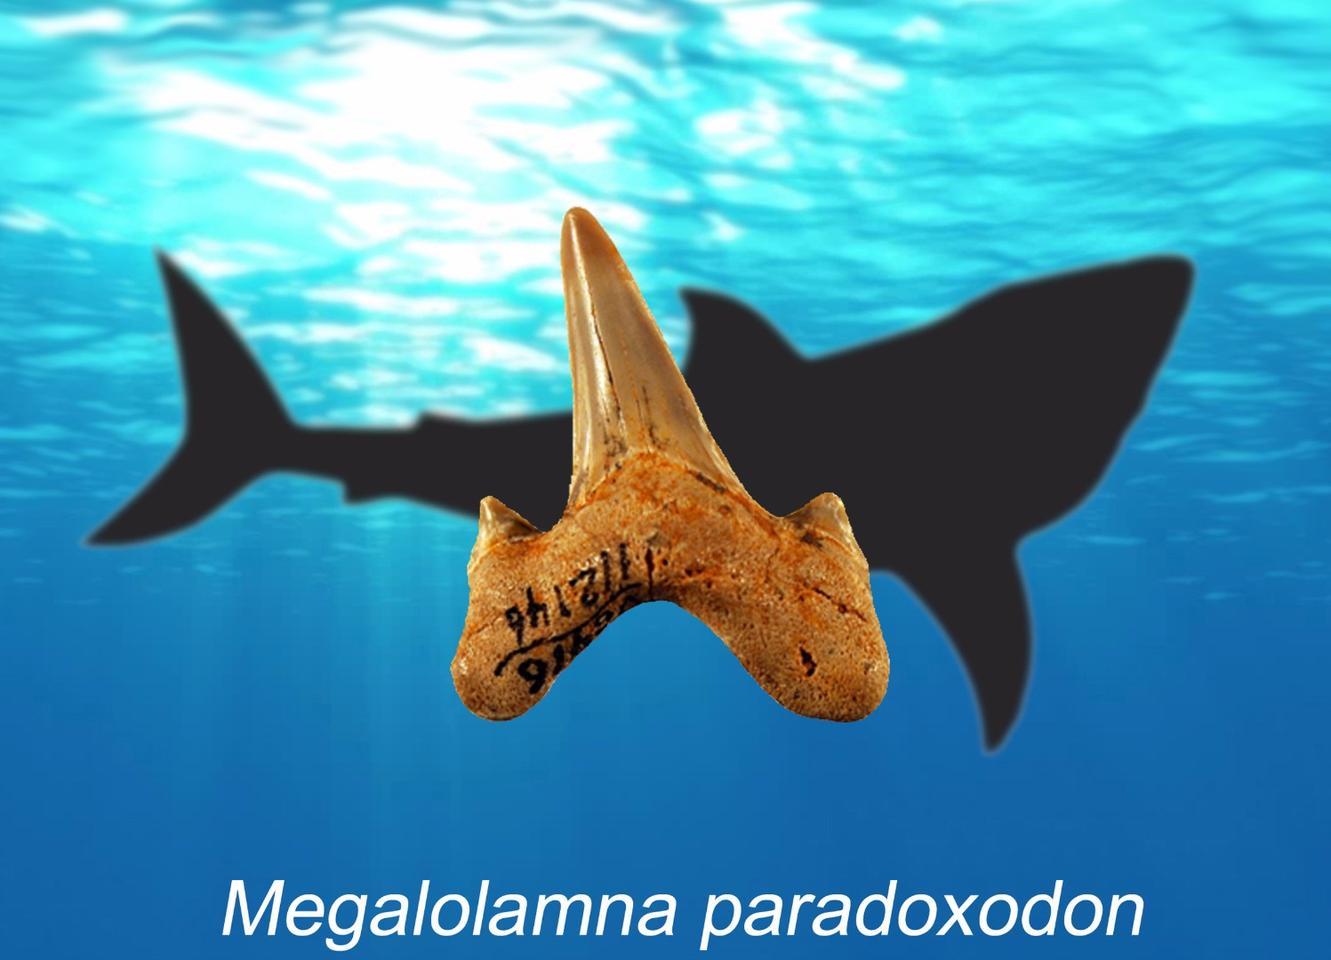 Say hello toMegalolamna paradoxodon